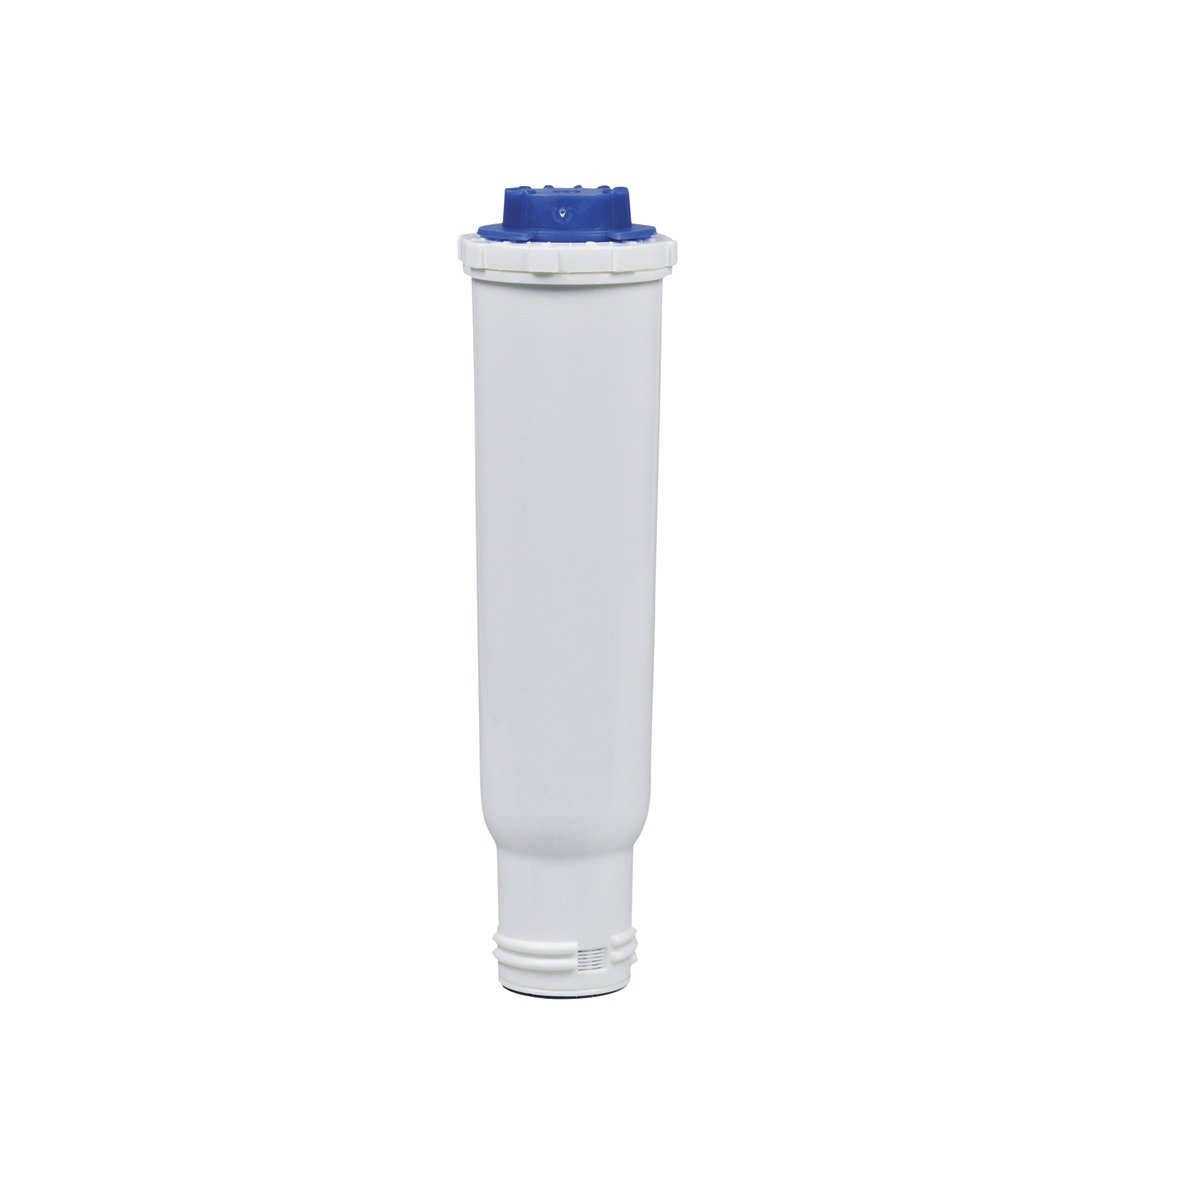 Wasserfilter Filterpatrone Filter Kaffeeautomat AEG//Bosch 900084951 900084951//4